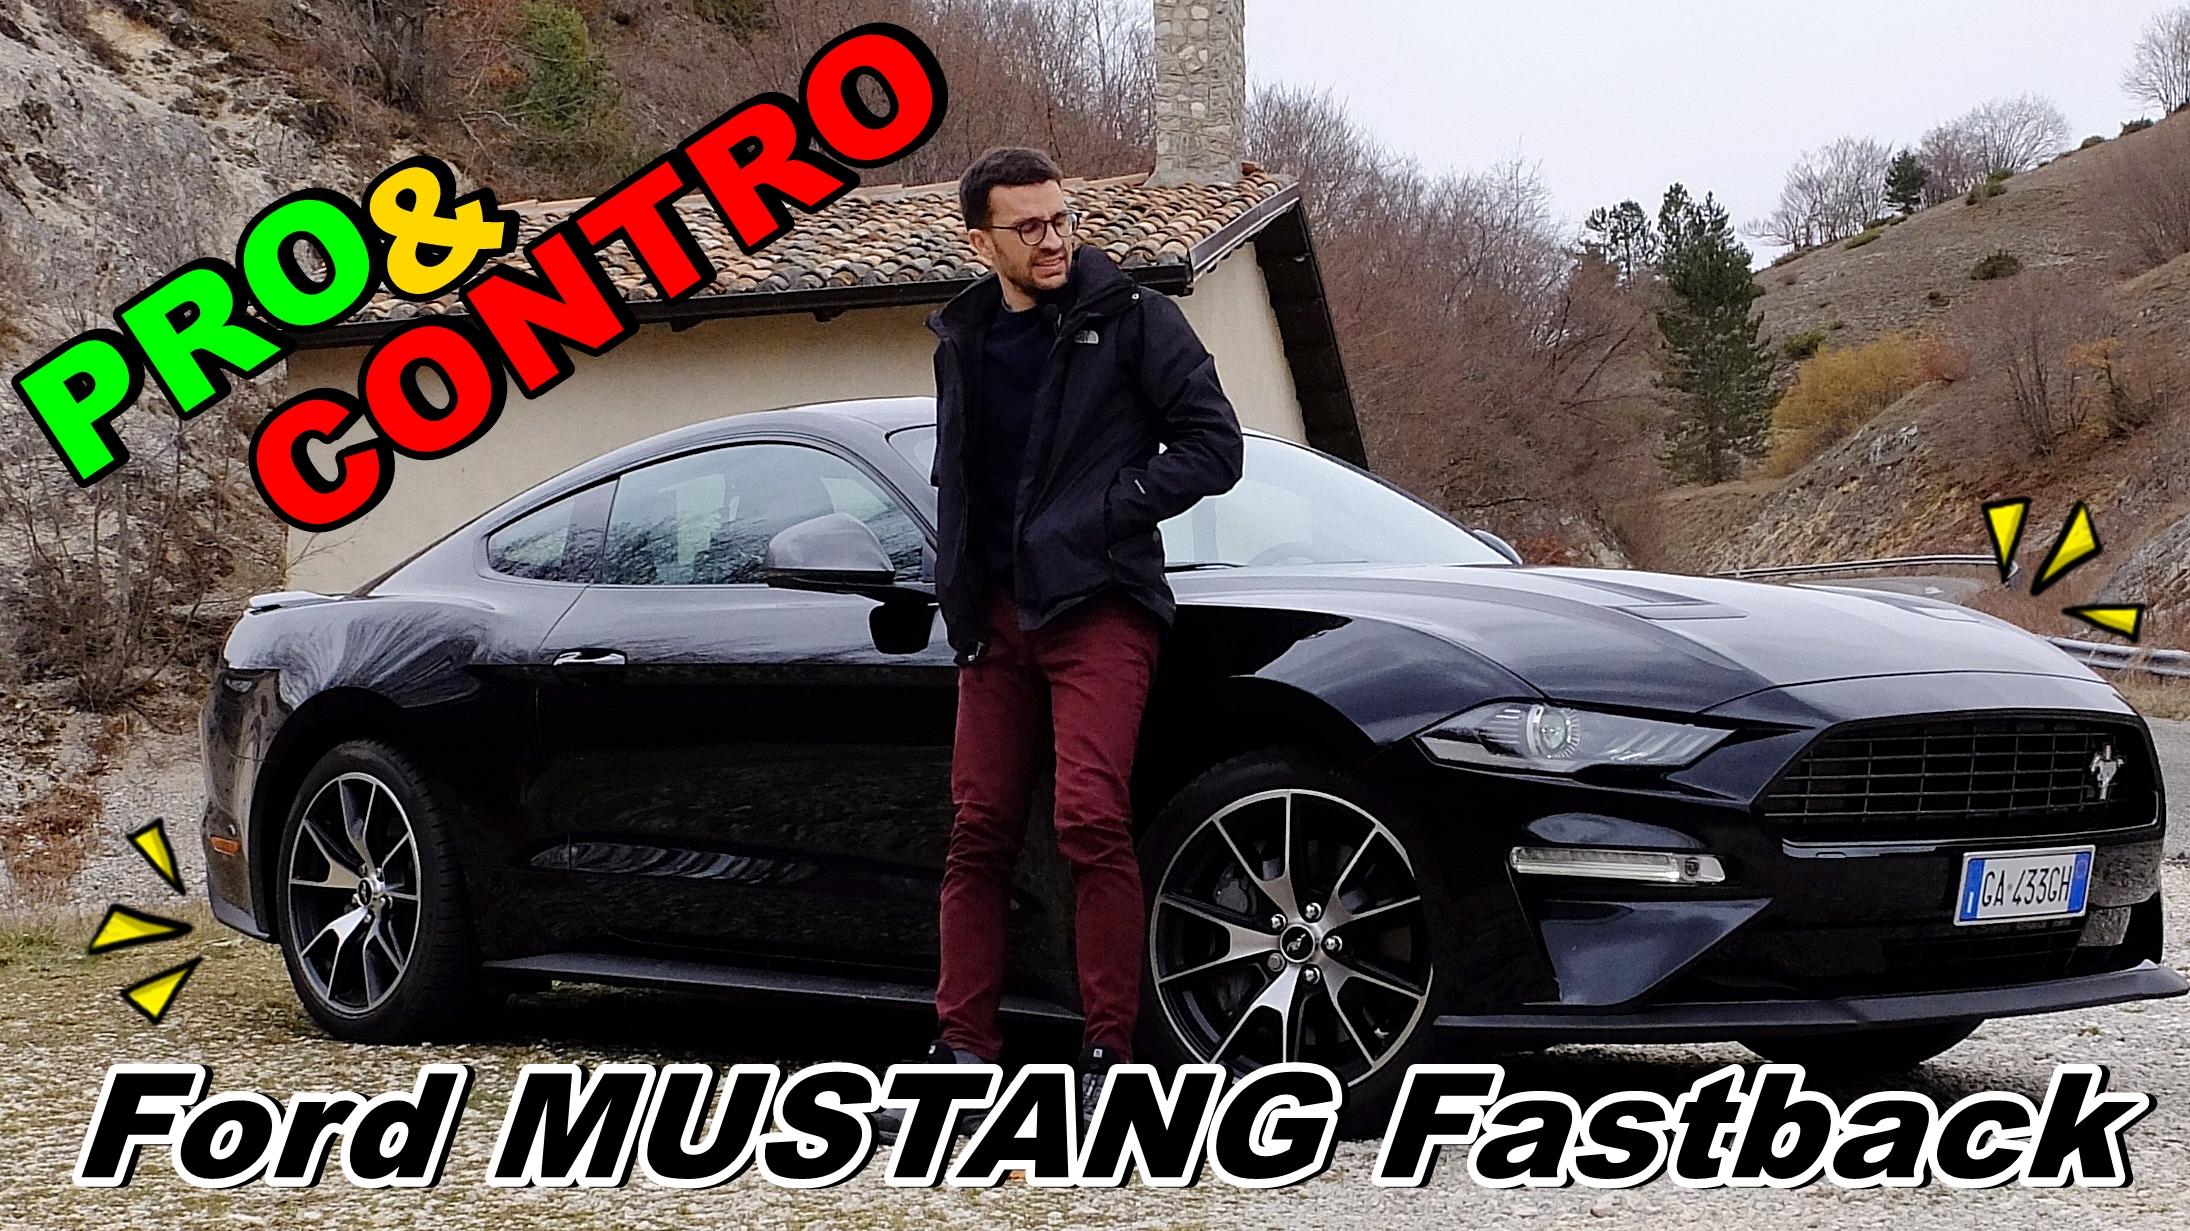 Ford Mustang Fastback 2020 2.3 Ecoboost 290 CV, vi racconto PRO e CONTRO!